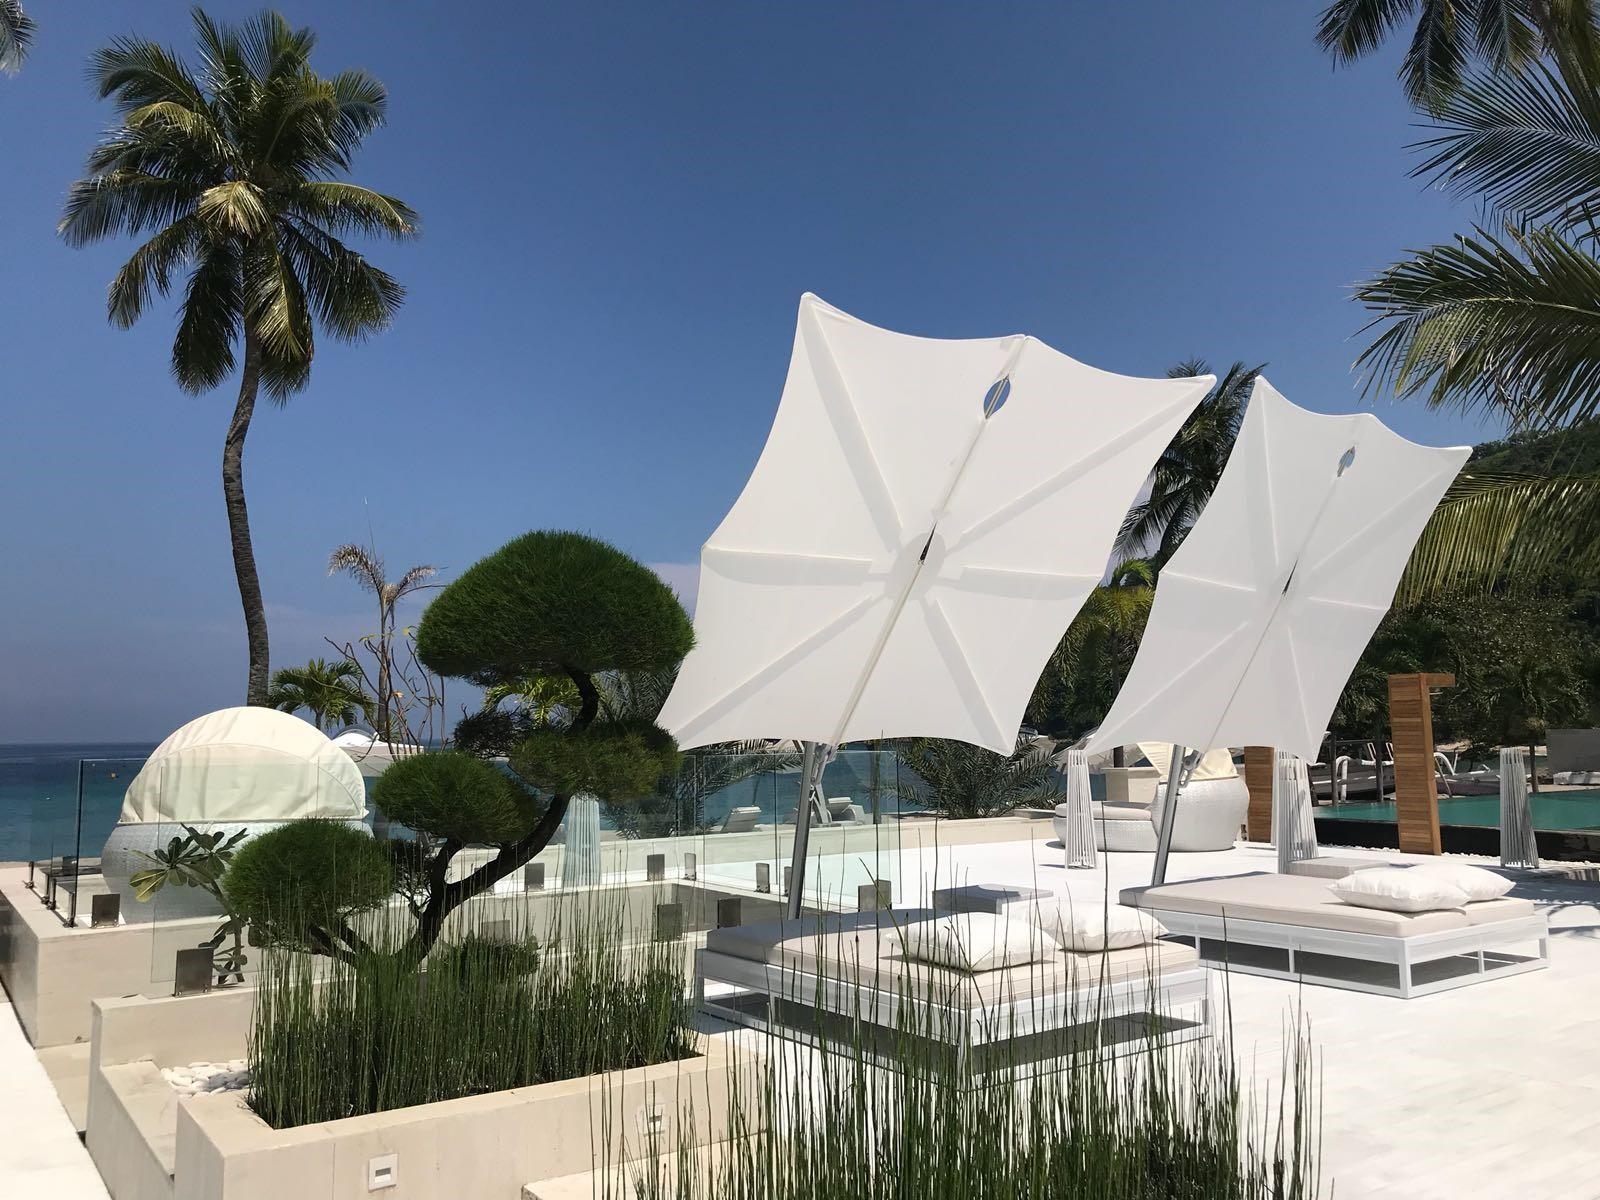 ホテル 7シークレットリゾート&ウェルネスリトリート、ロンボク島 インドネシア